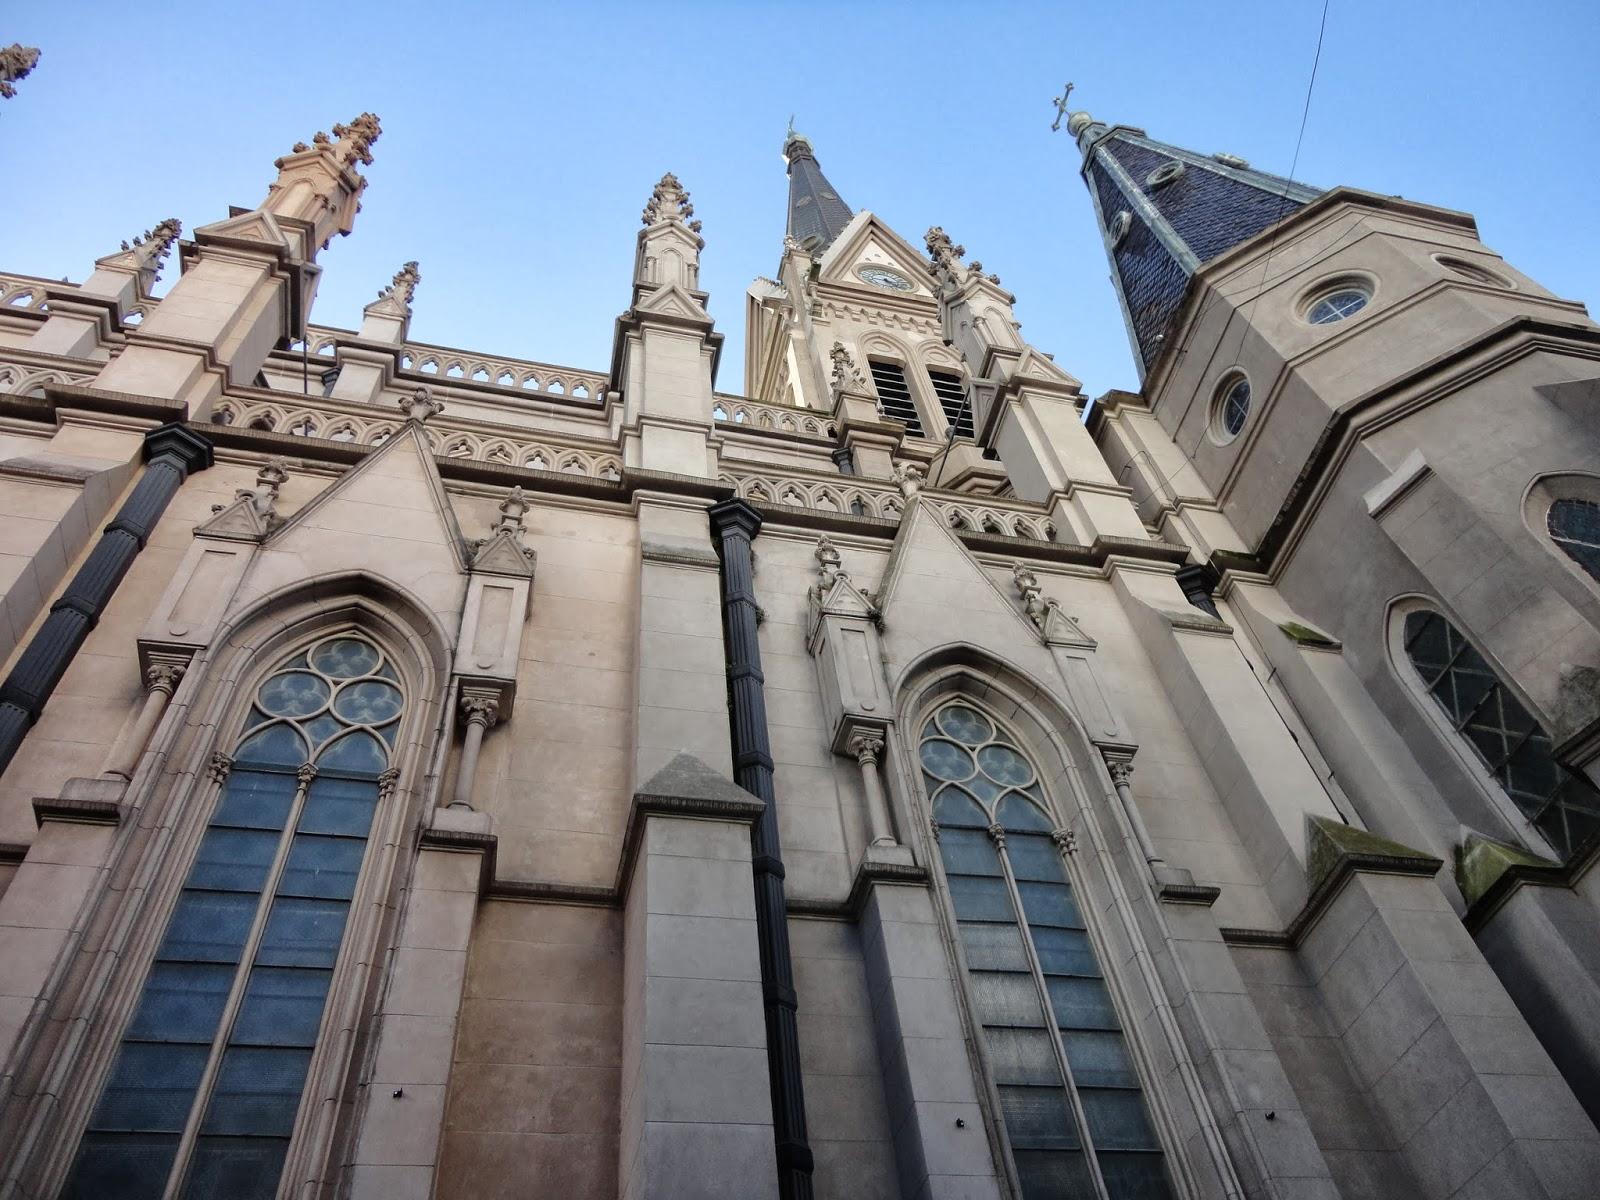 Mslc Catedral De Mar Del Plata Detalles